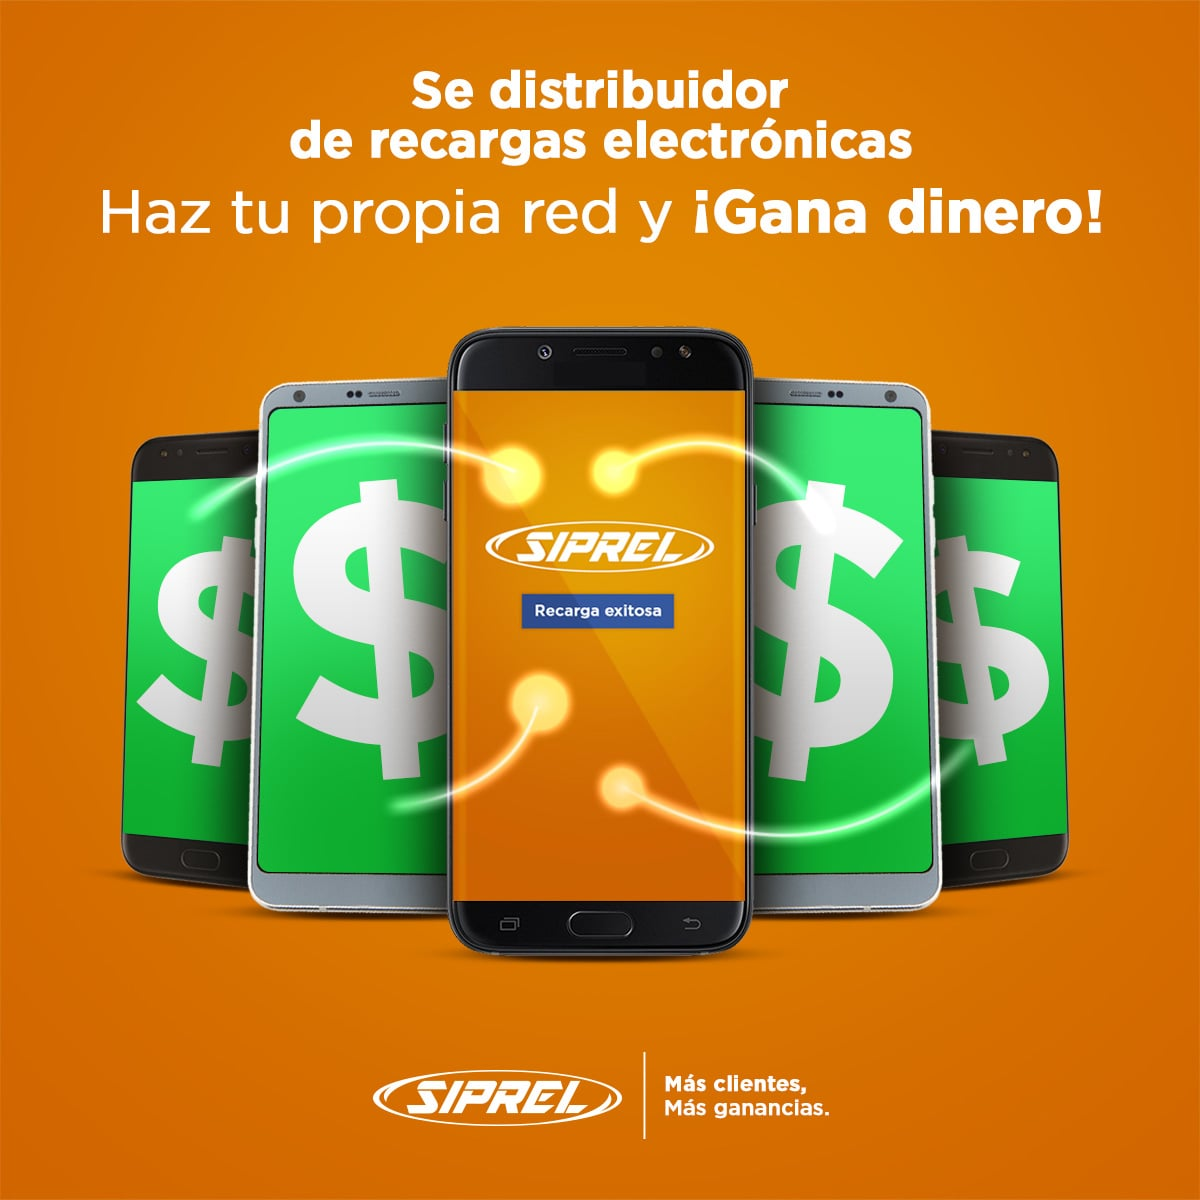 Se distribuidor de recargas electrónicas, hat tu propia red y ¡Gana dinero!